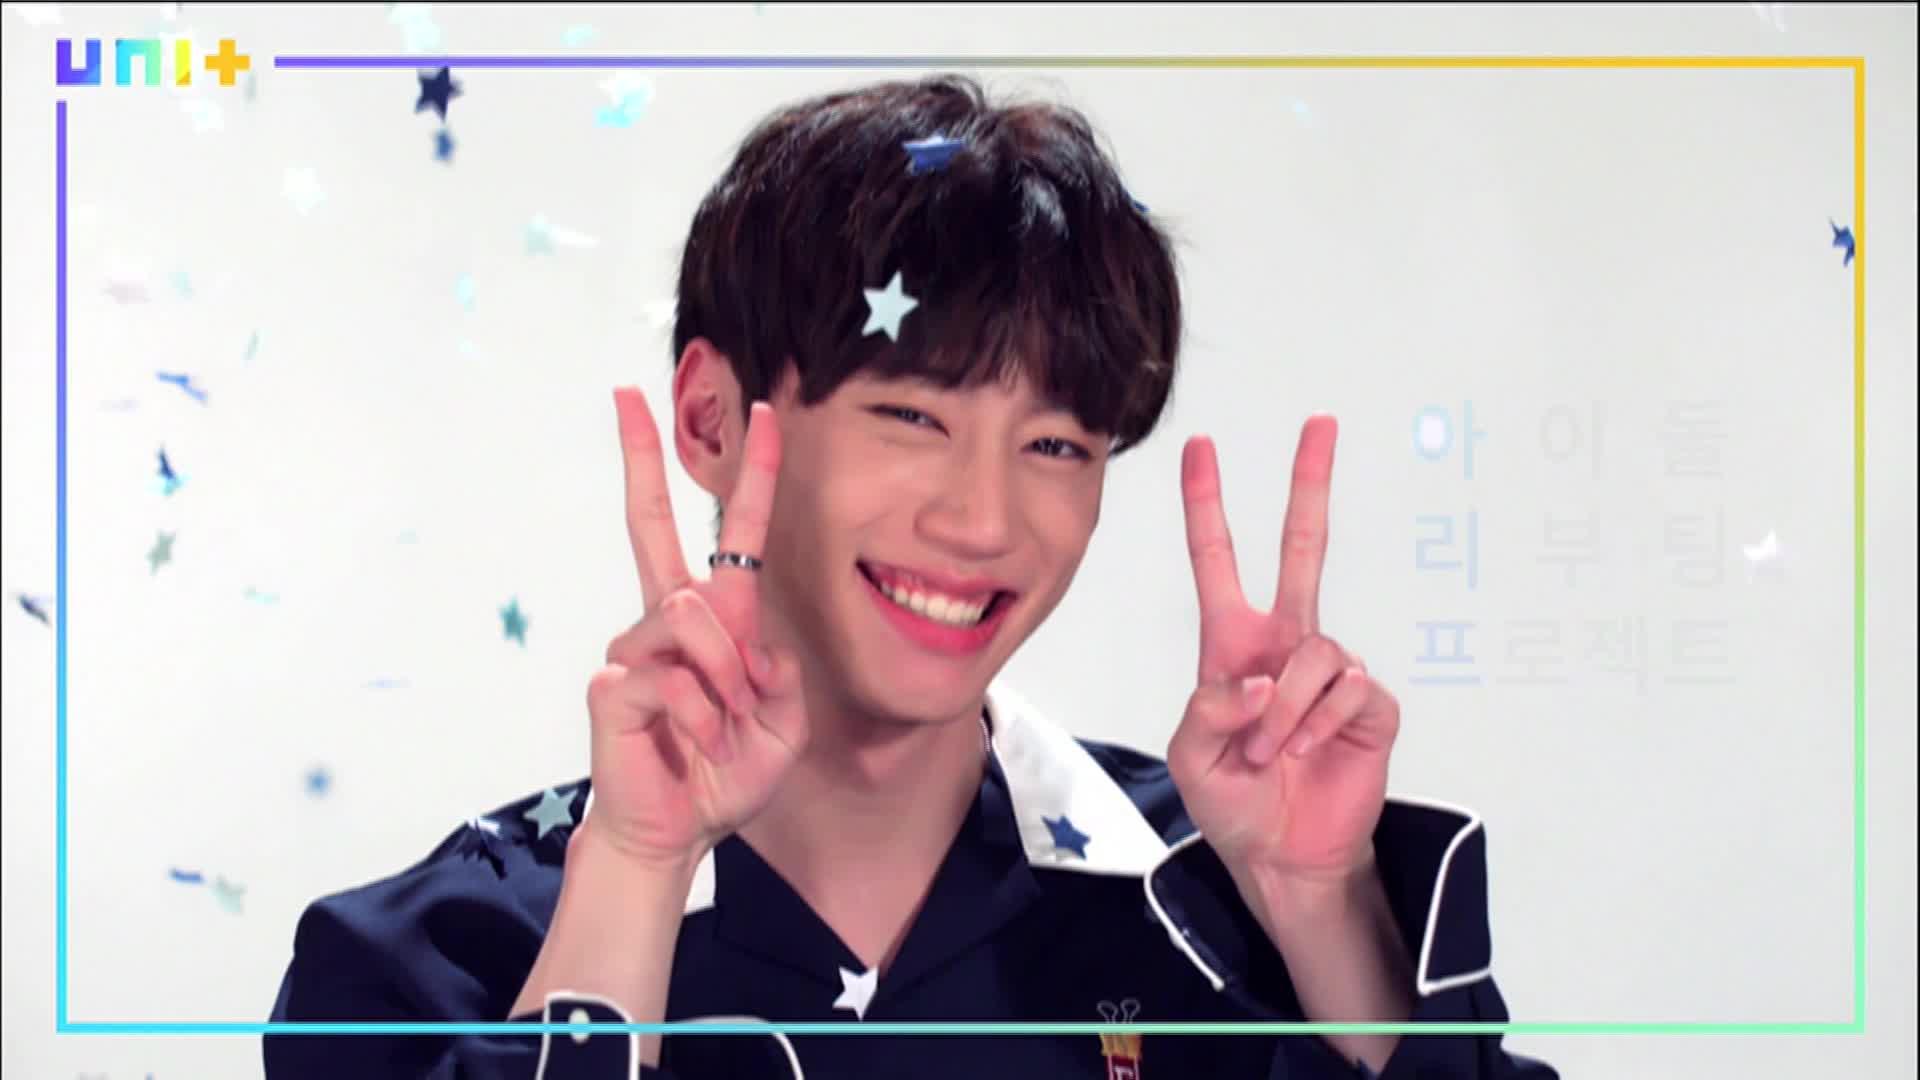 [더 유닛] 슈퍼슬로우 개인별 티저 09 (The Unit - Superslow individual teaser 09)